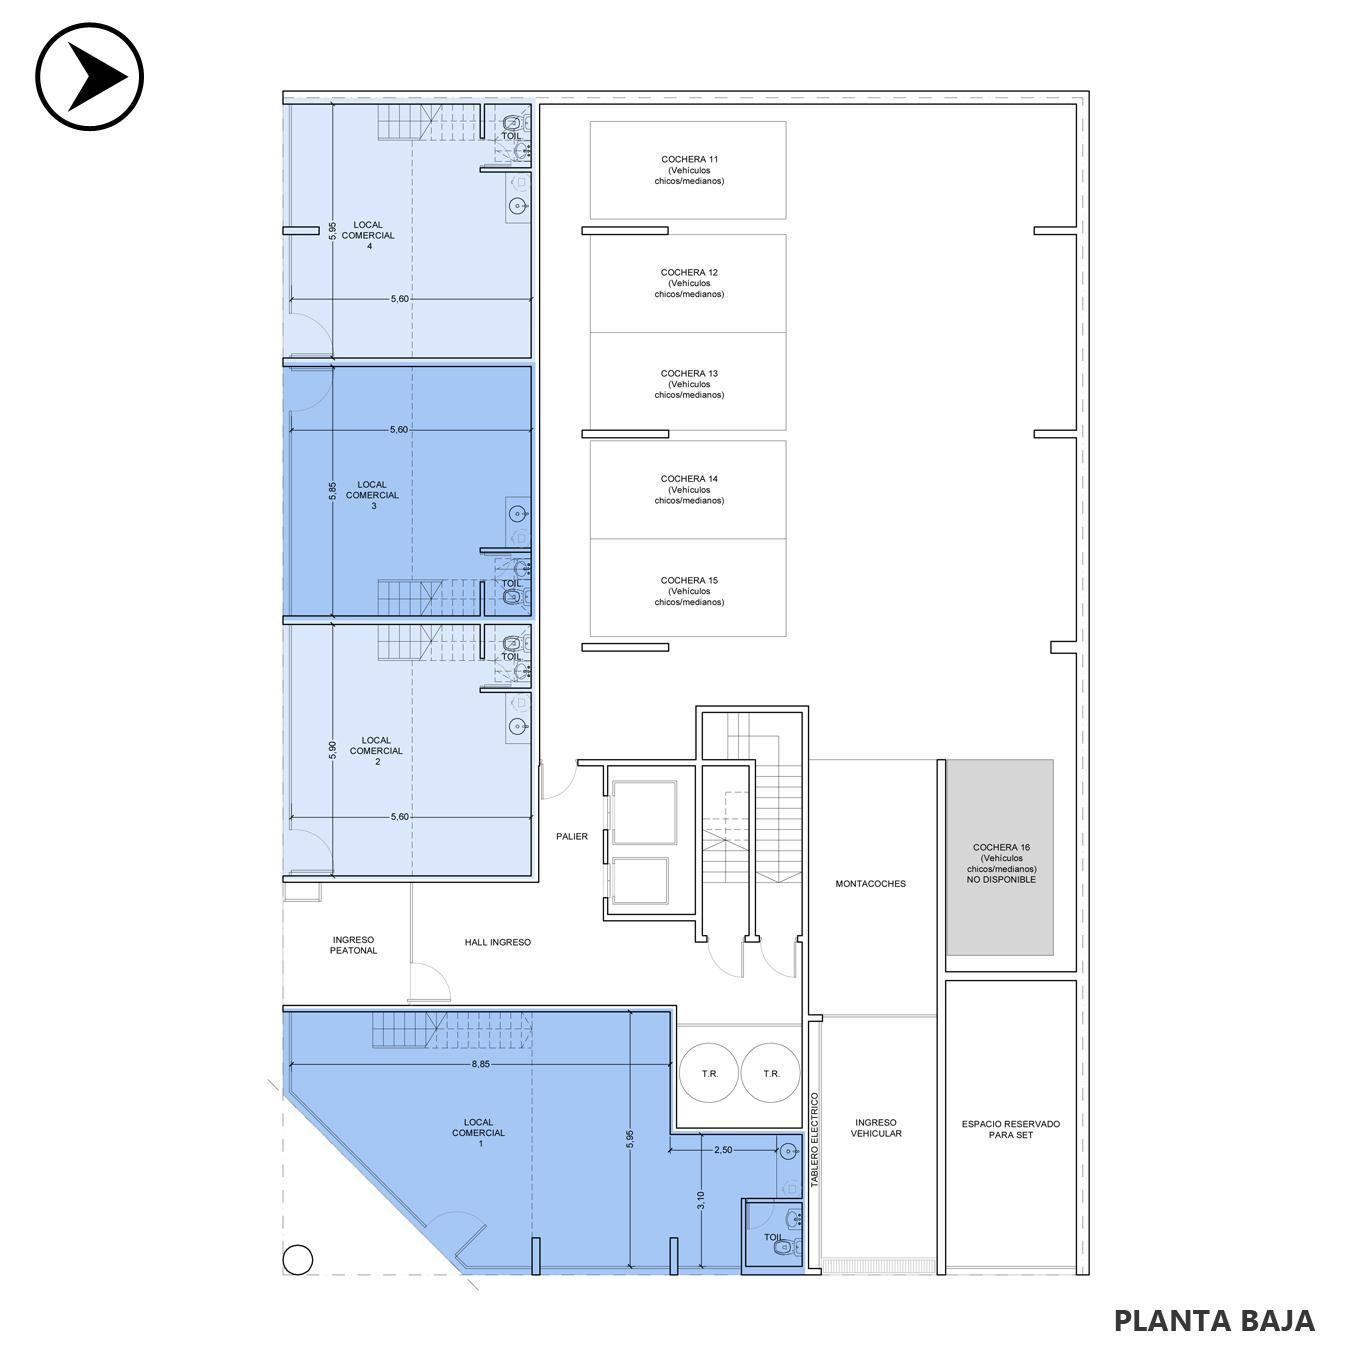 Venta departamento 2 dormitorios Rosario, República De La Sexta. Cod CBU24602 AP2291021. Crestale Propiedades